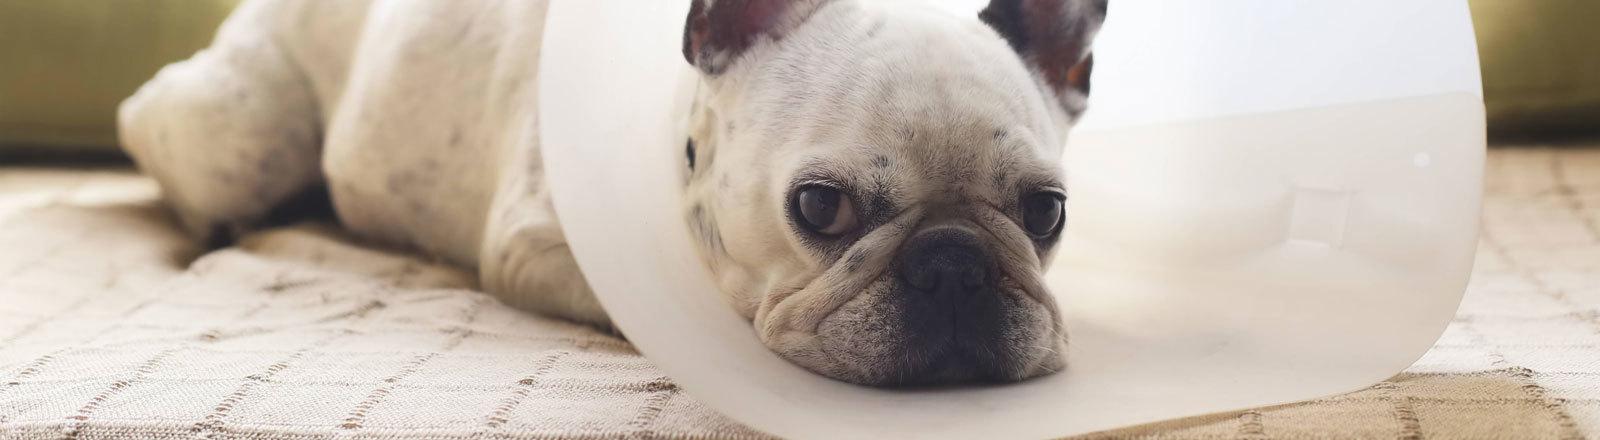 kranke Französische Bulldogge